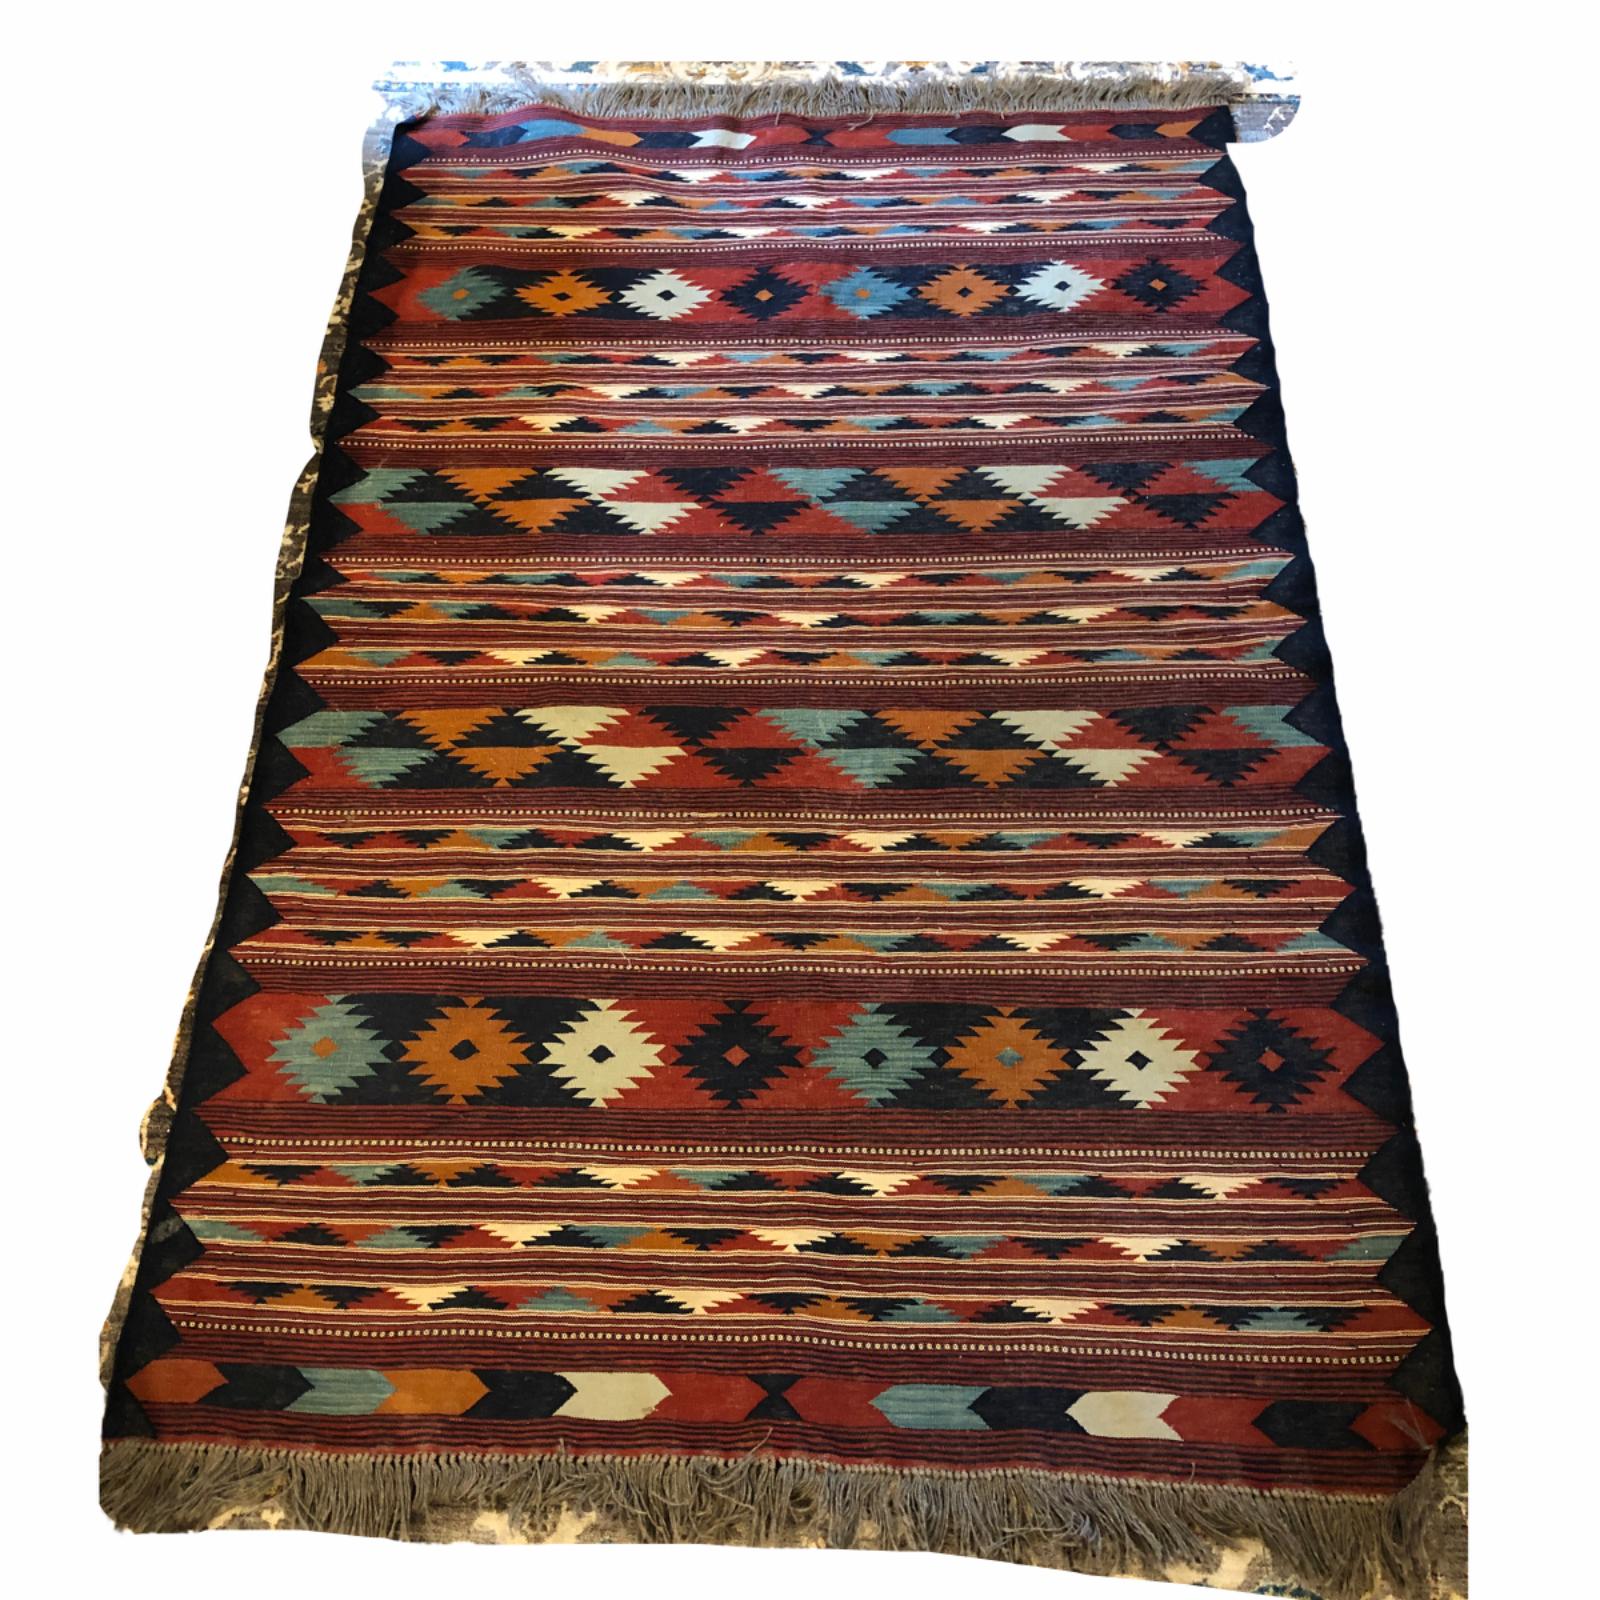 4x6 turkish kilim rug moroccan kilim rug oriental kilim rug vintage kilim rug flatweave kilim rug 4x6 persian kilim rug